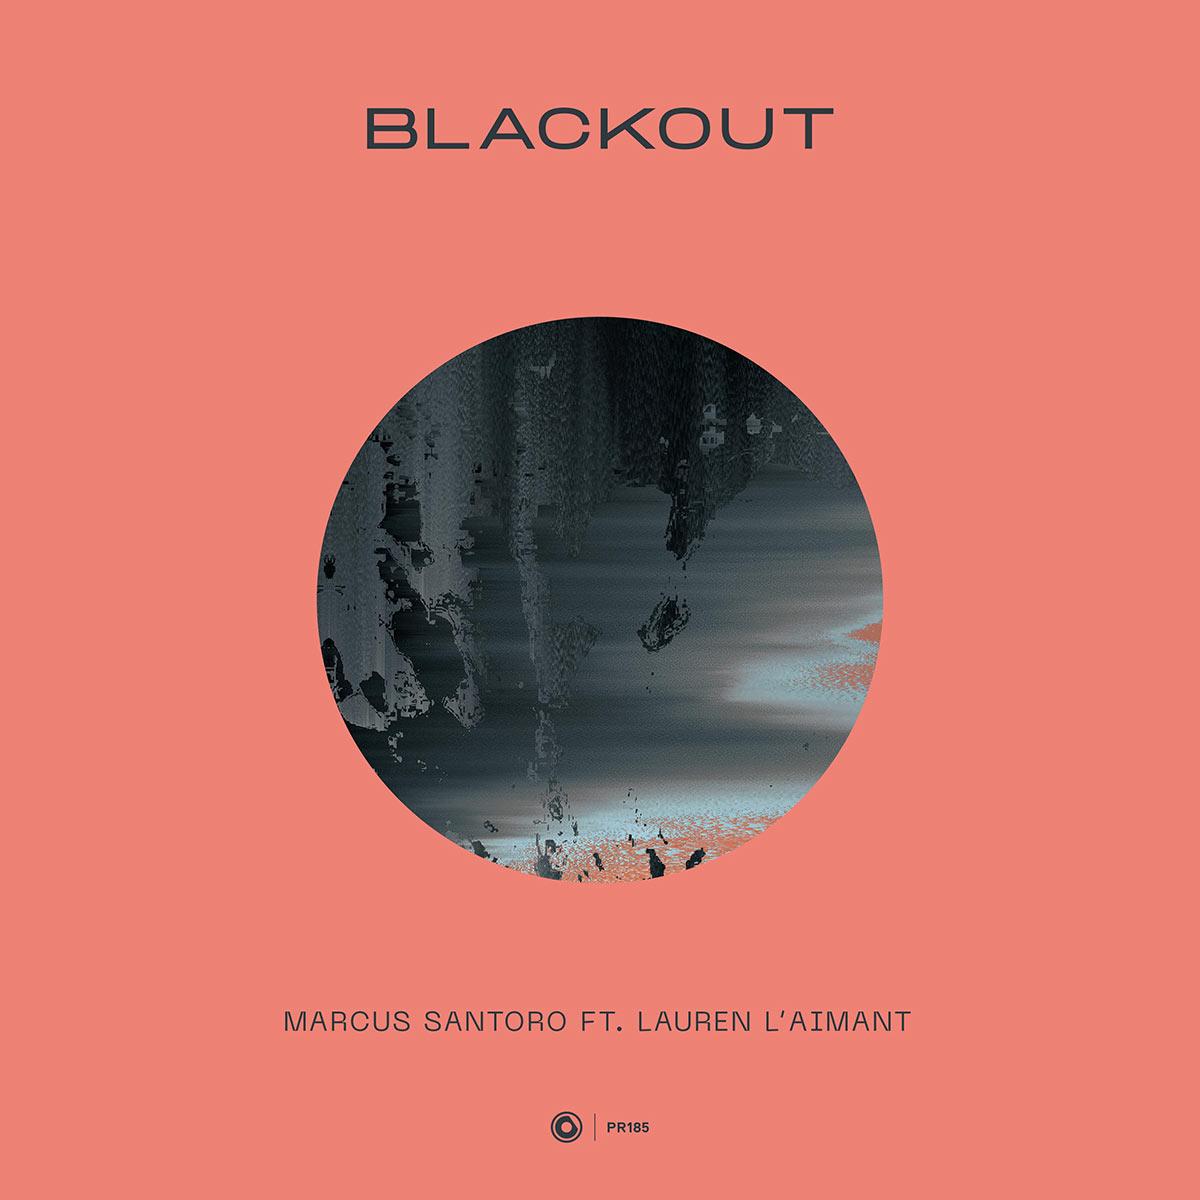 Marcus Santoro ft. Lauren L'aimant – Blackout